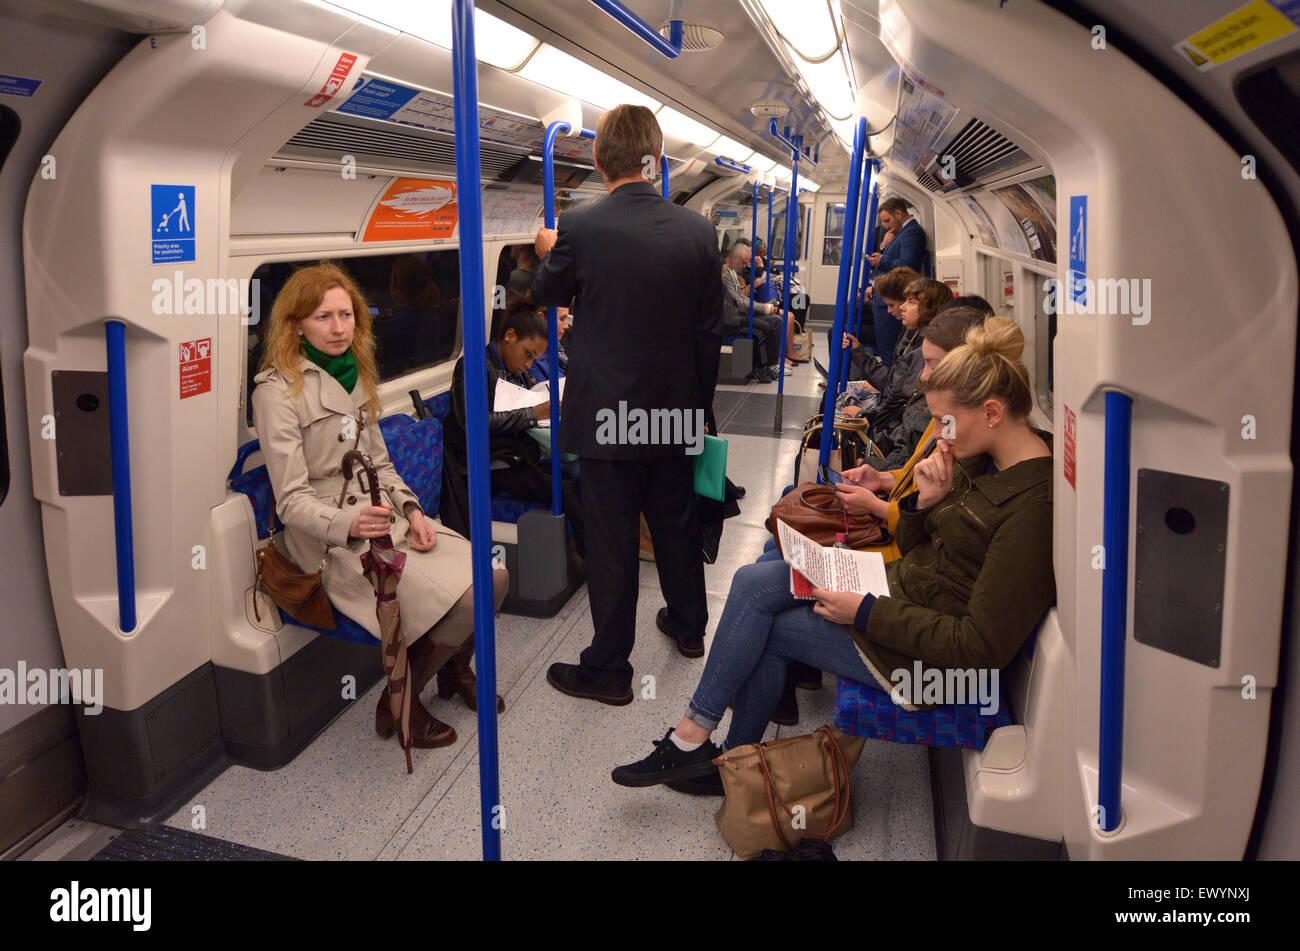 Londres, Royaume-Uni - 15 MAI 2015:passagers voyagent sur le métro de Londres. Le nombre de passagers annuels Photo Stock